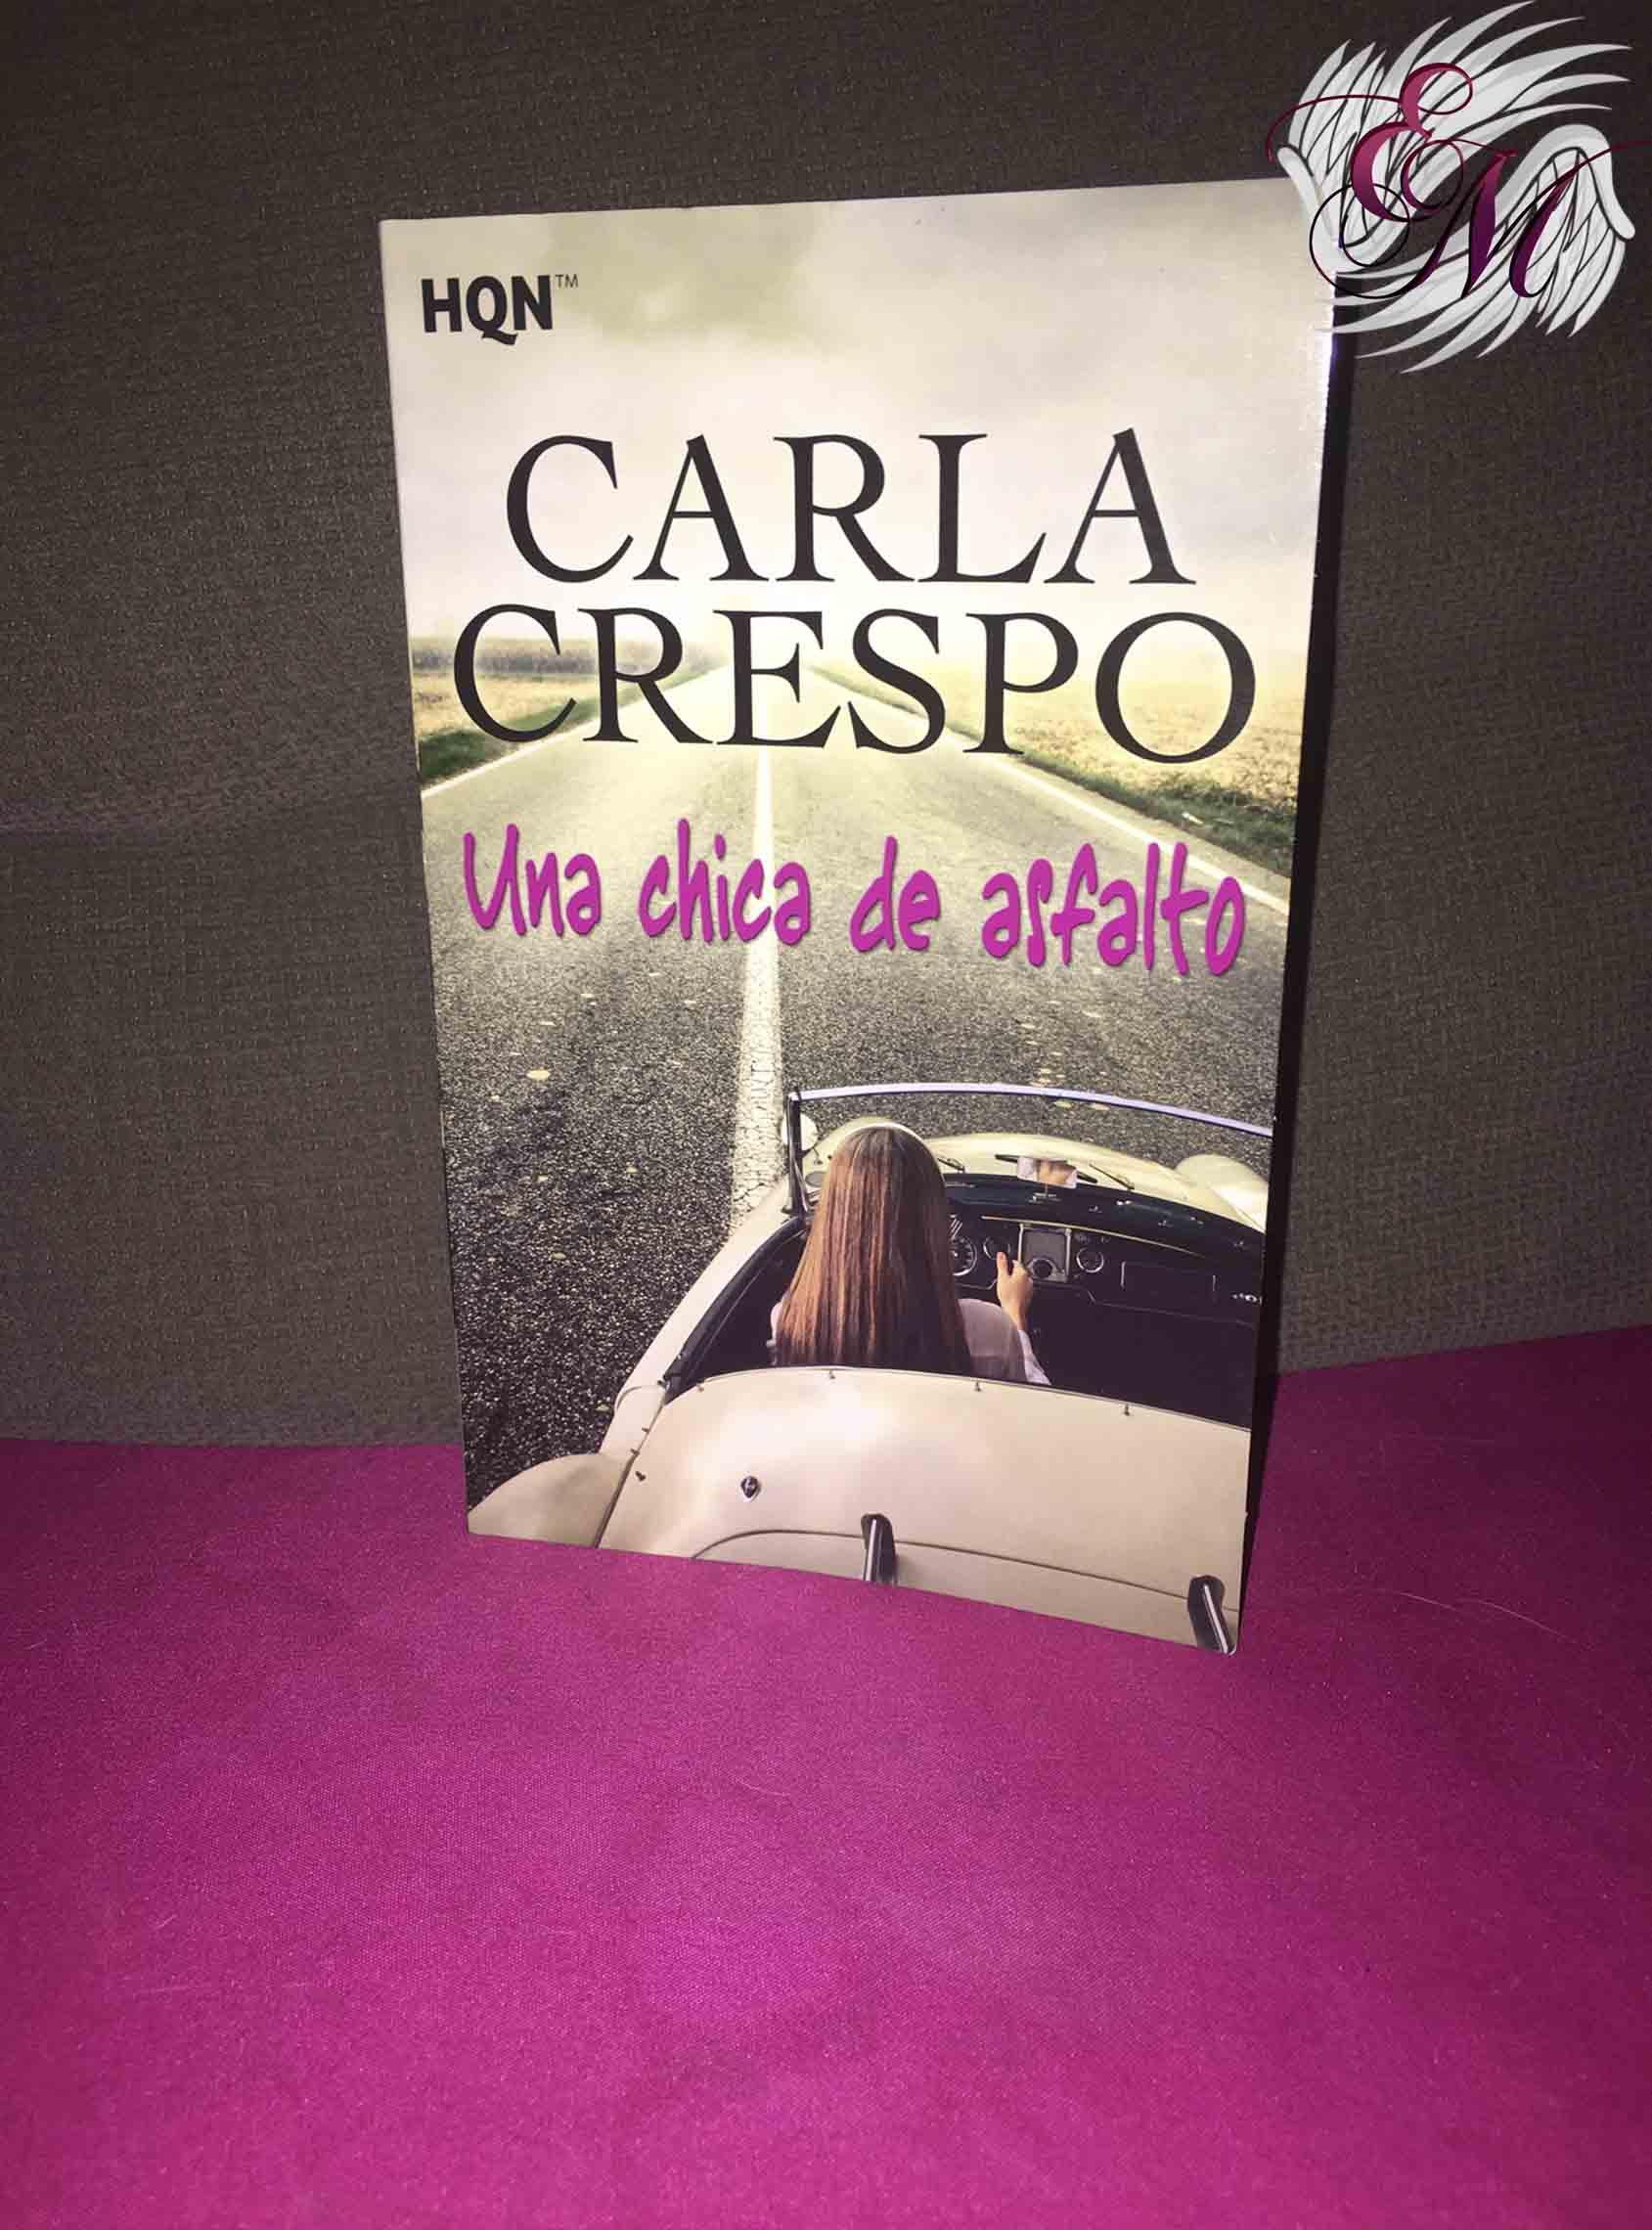 Una chica de asfalto, de Carla Crespo - Reseña